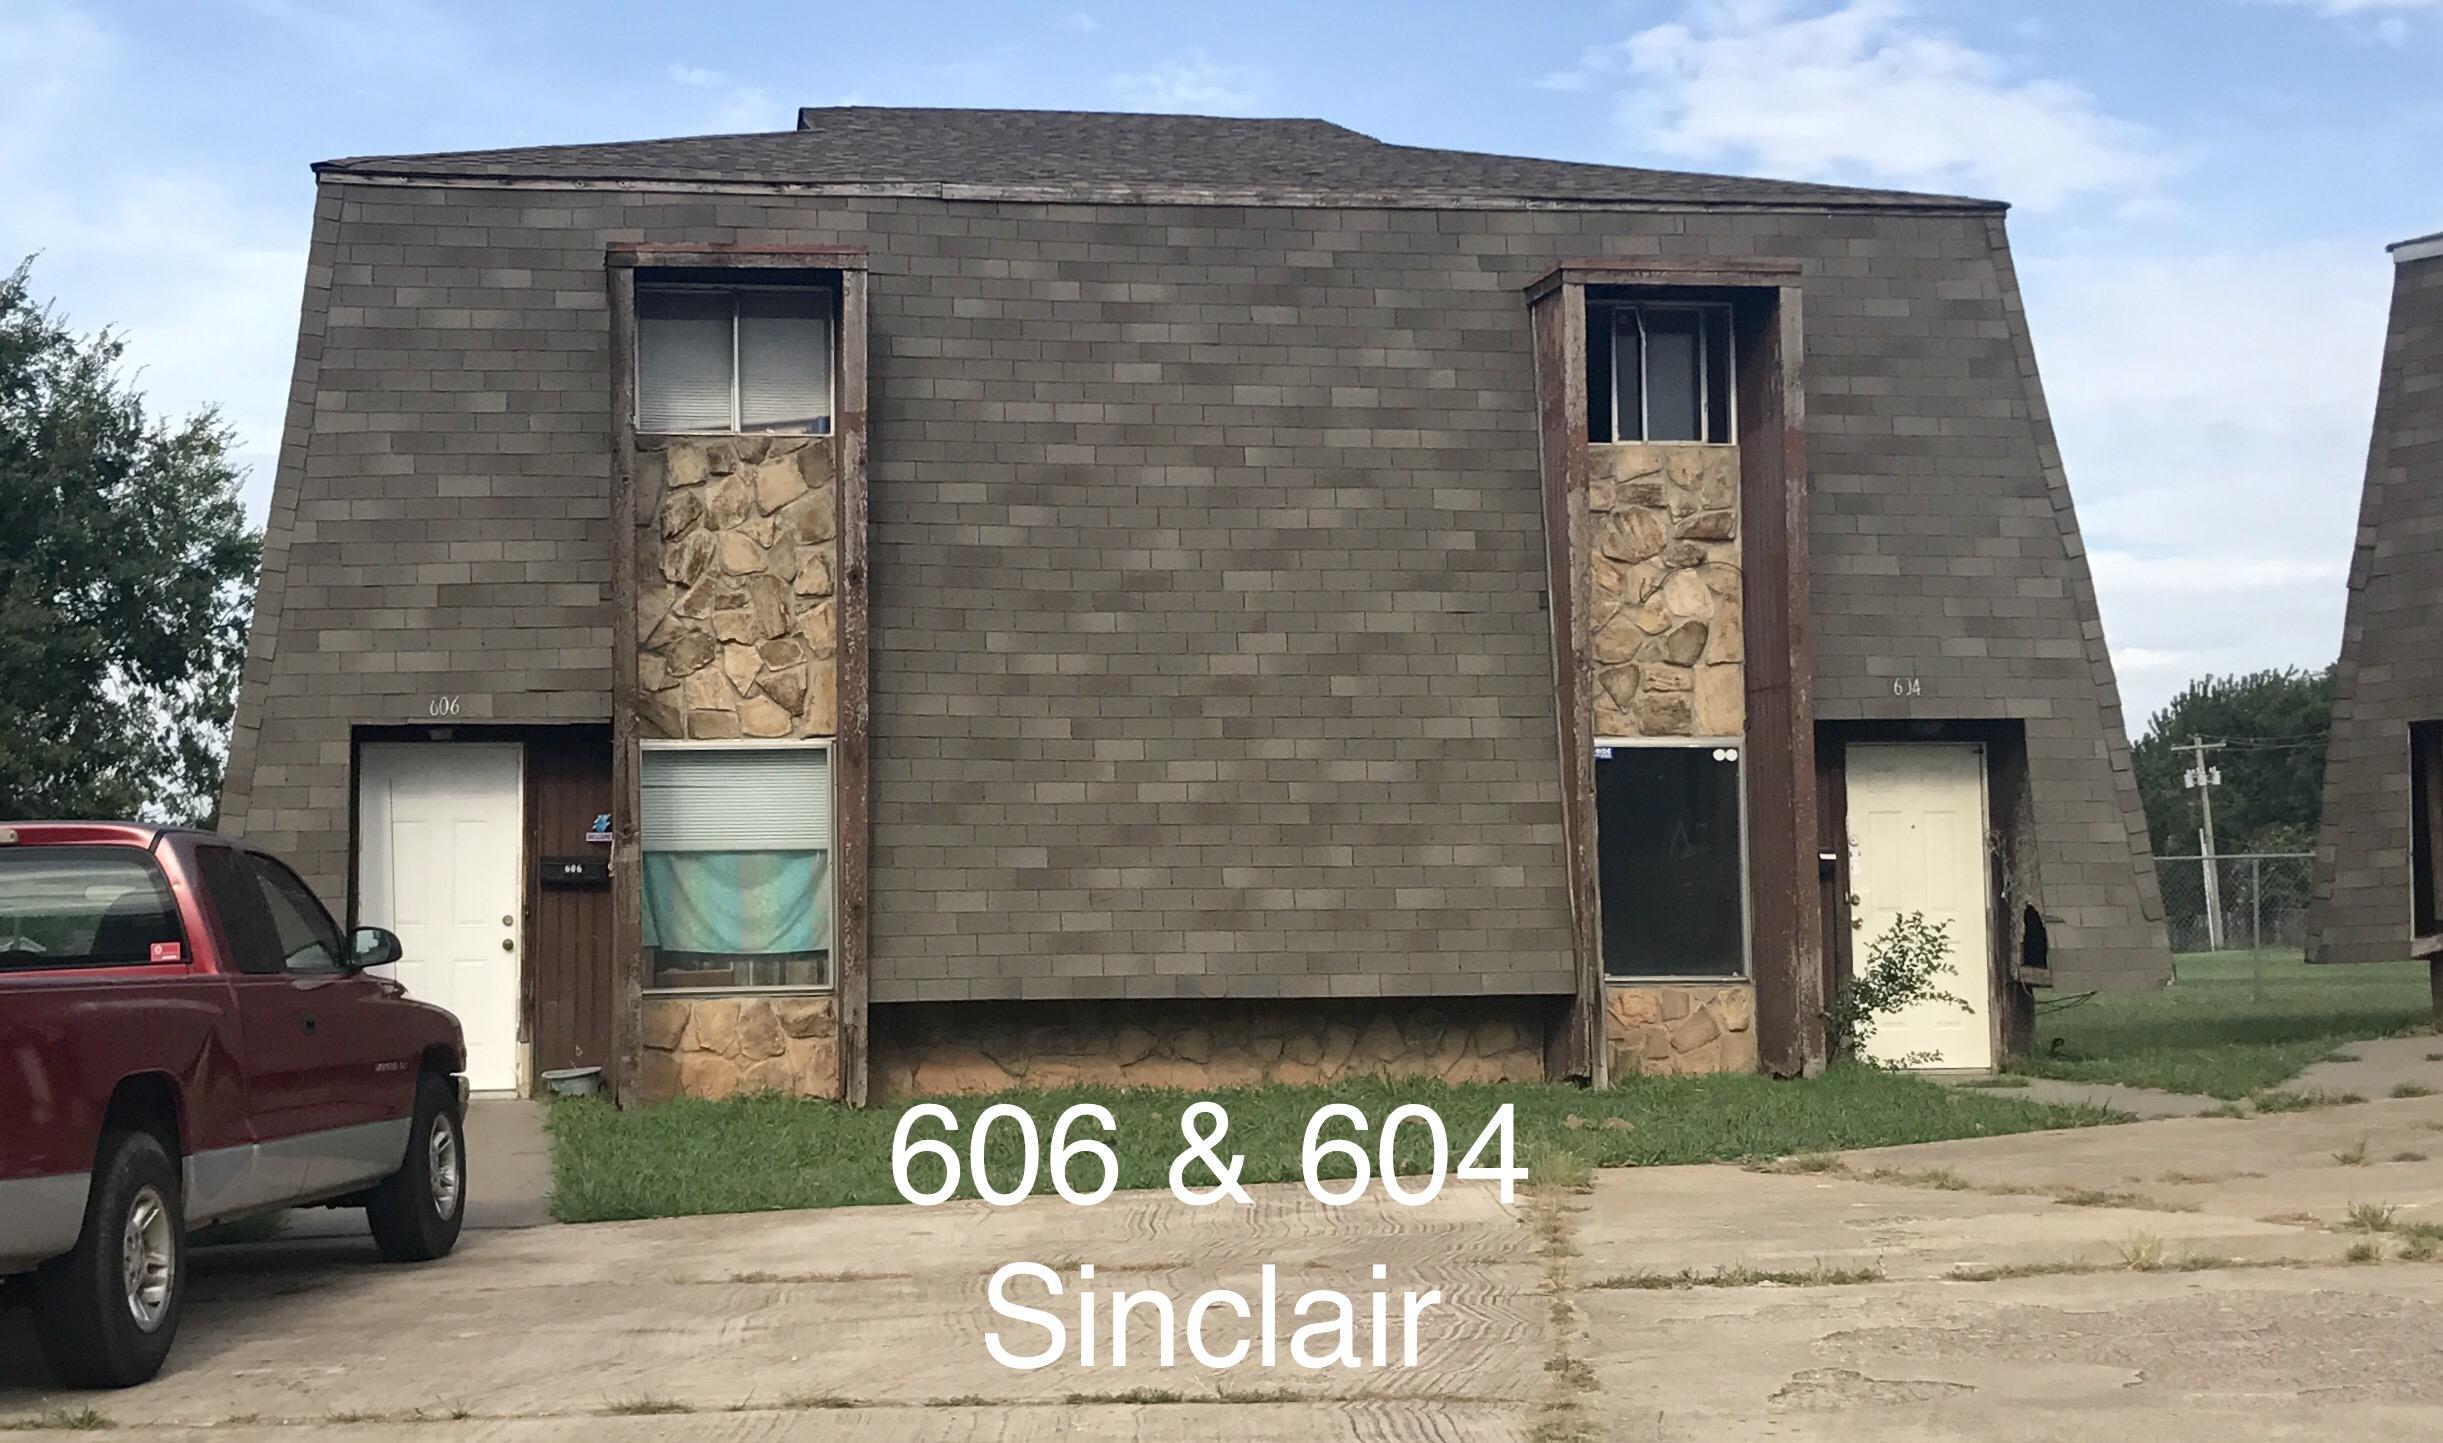 606 & 604 Sinclair.jpg